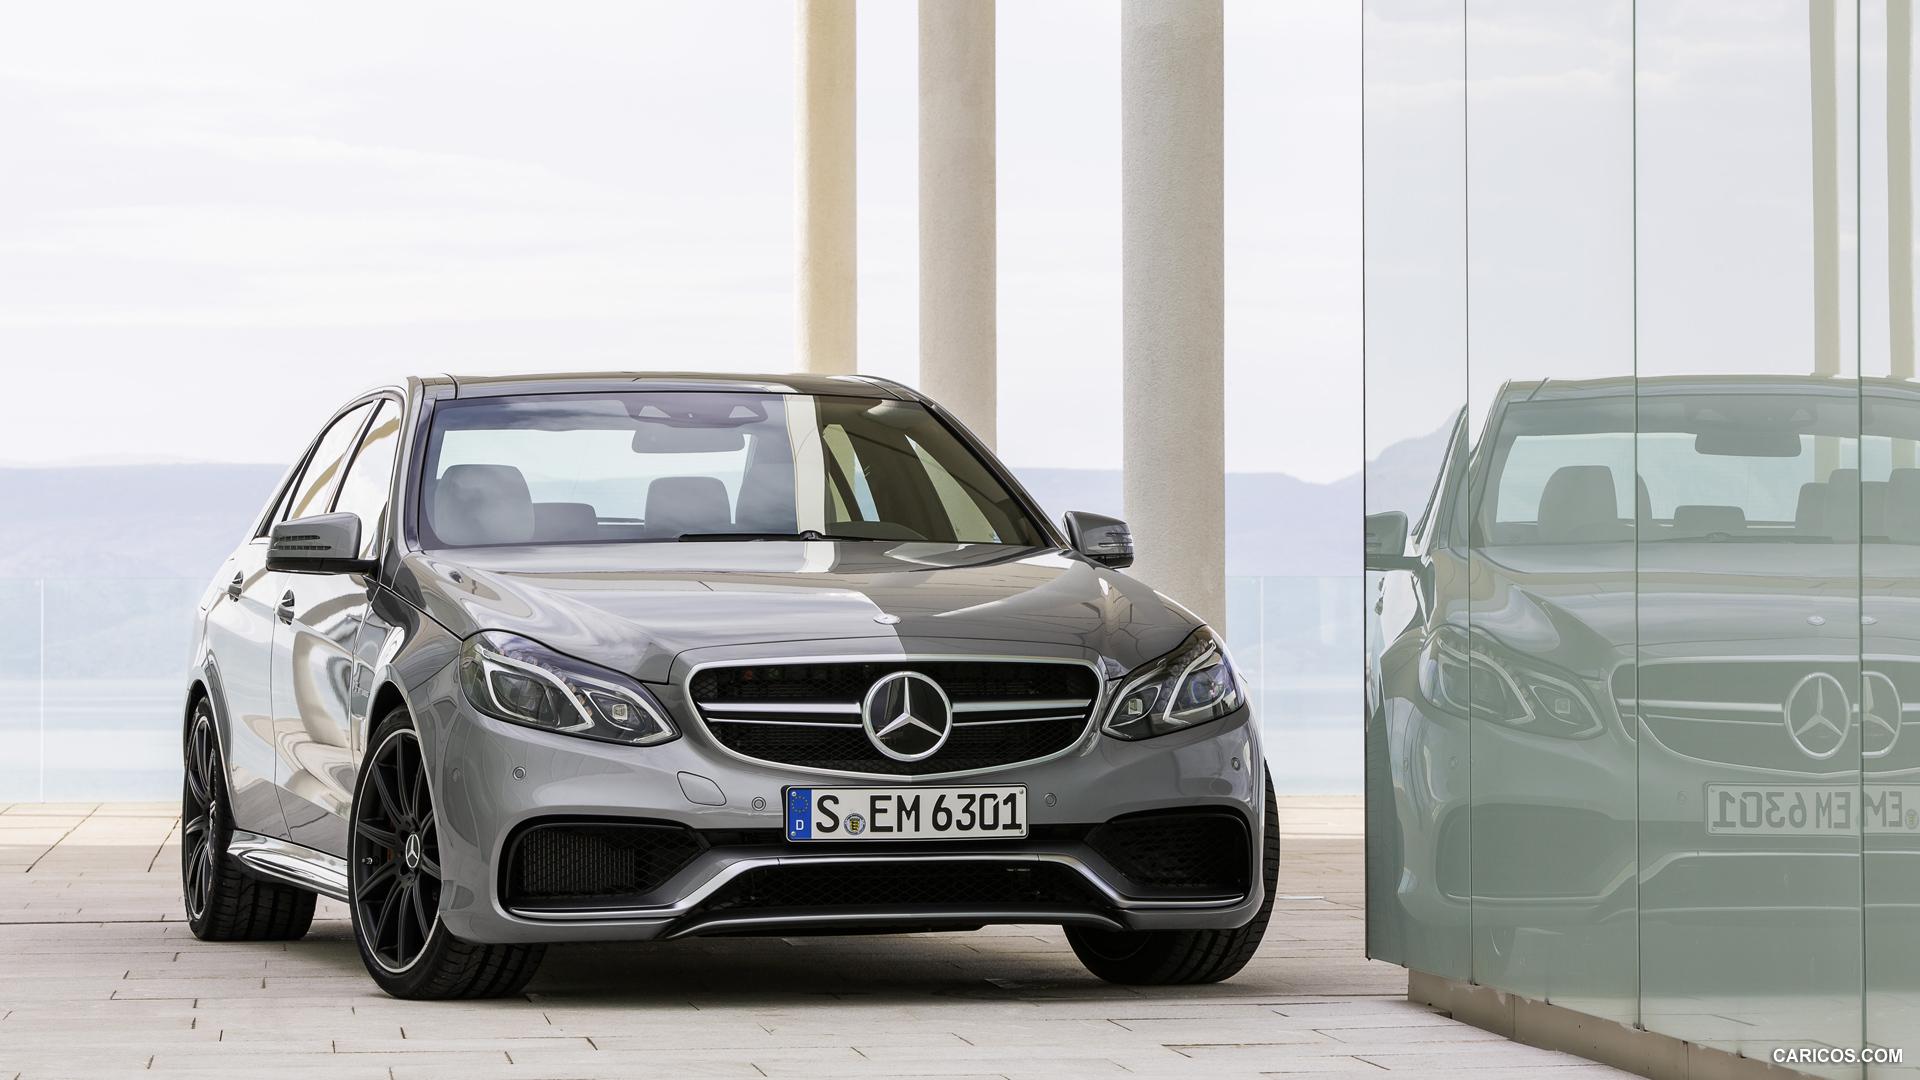 21999 скачать обои Транспорт, Машины, Мерседес (Mercedes) - заставки и картинки бесплатно